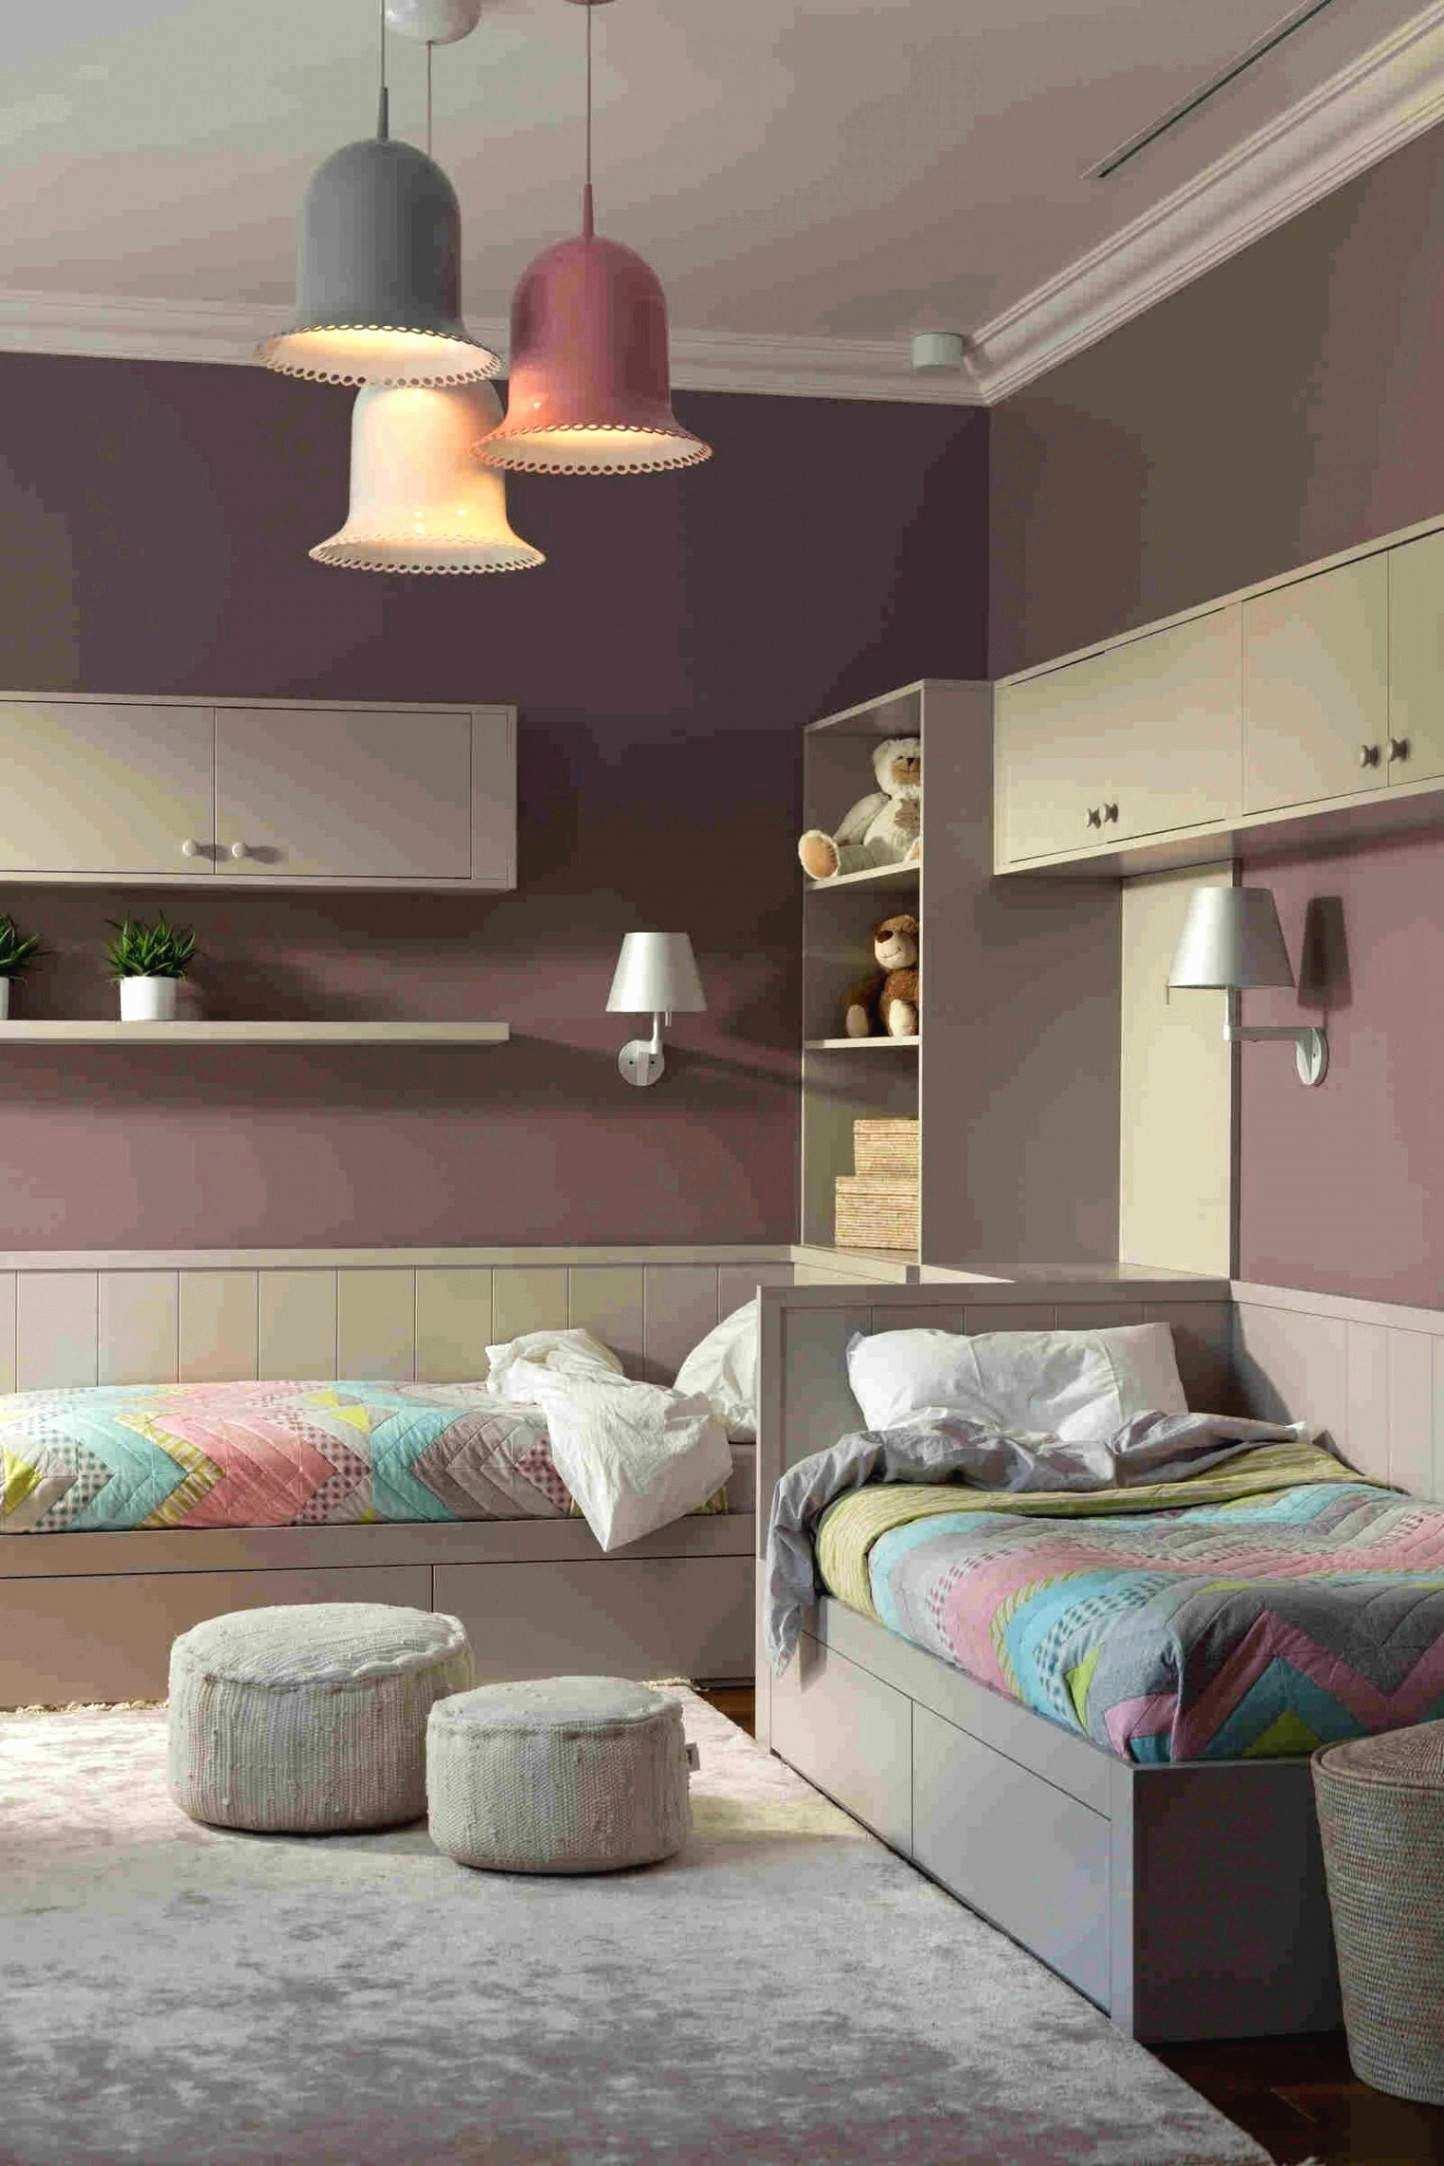 silber deko wohnzimmer reizend silber deko wohnzimmer reizend dekoration wohnzimmer modern of silber deko wohnzimmer